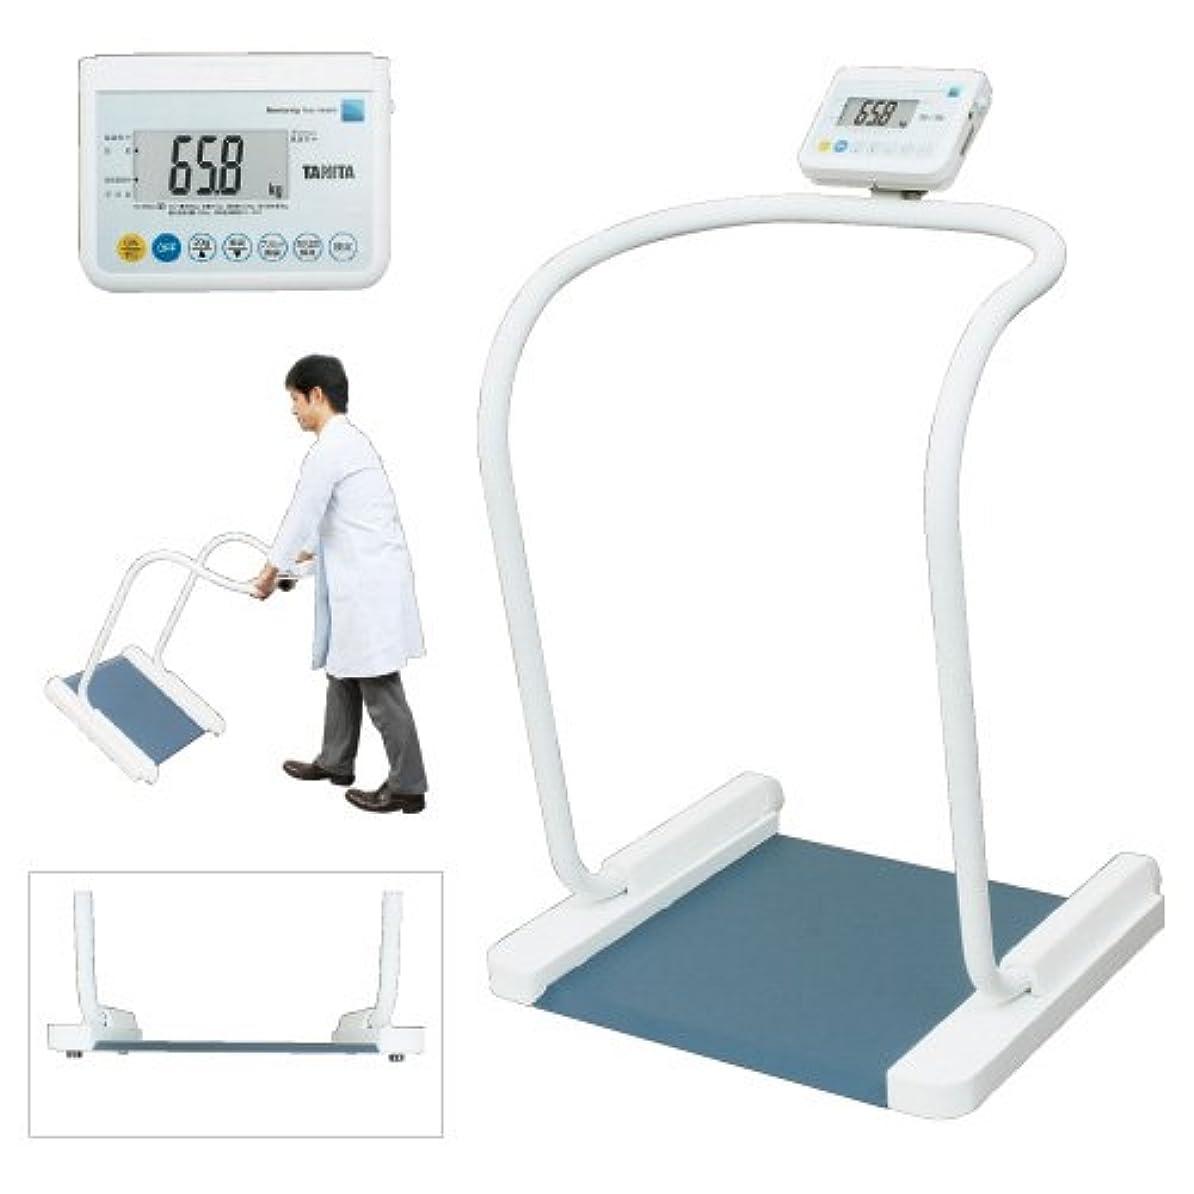 革命的雑品再生可能ハンドレール付体重計(検定品) PH-550A(RSツキ) 13区仕様 タニタ